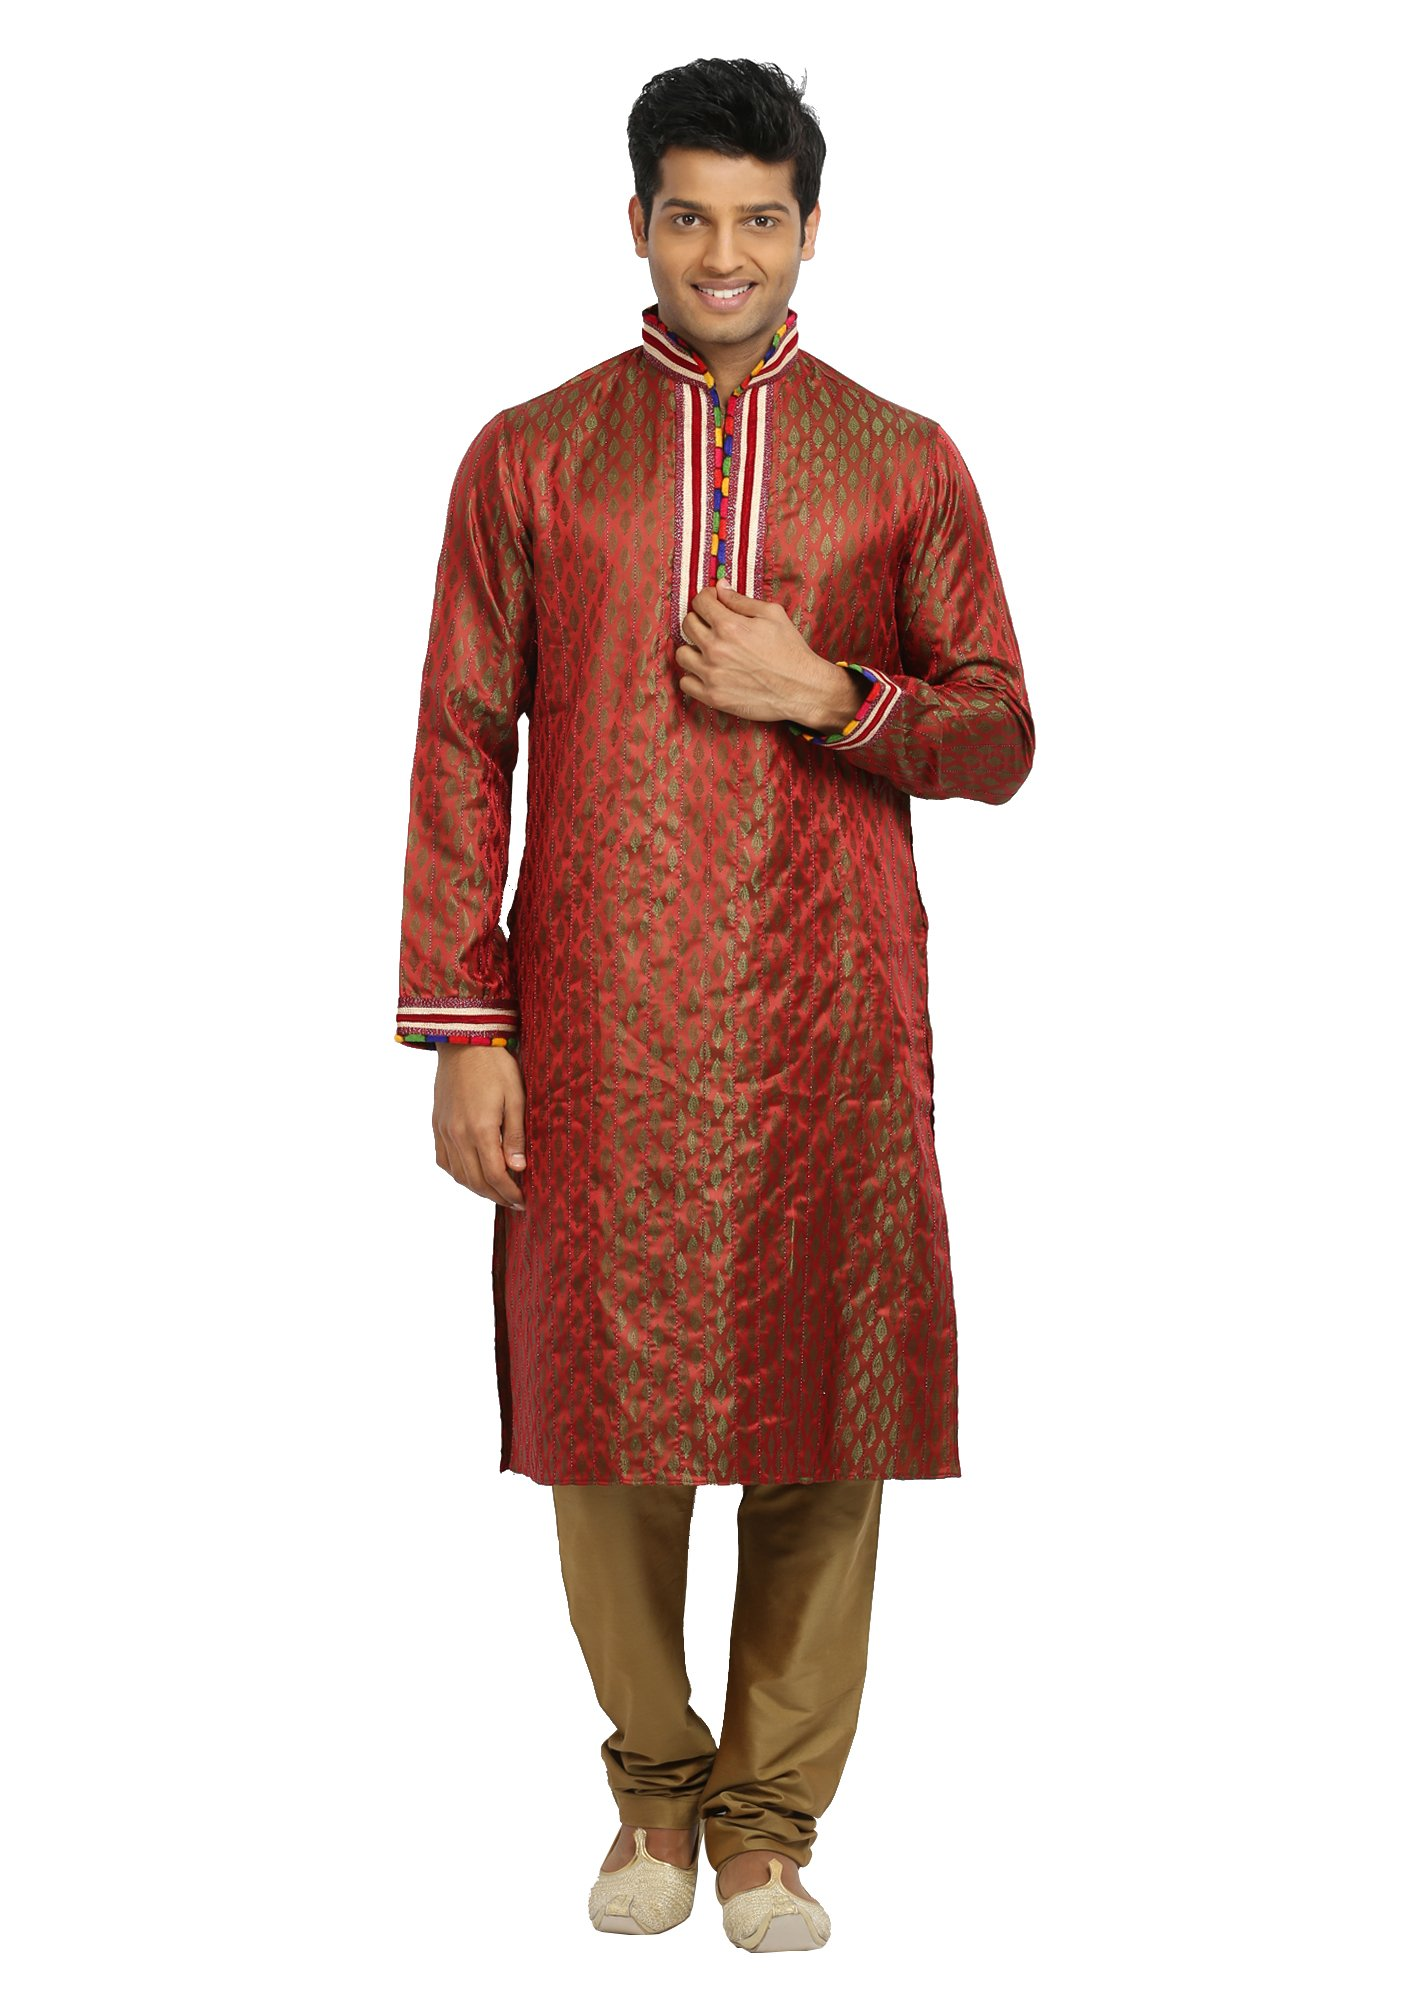 Saris and Things Tomato Red Indian Wedding Kurta Pajama Sherwani for Men